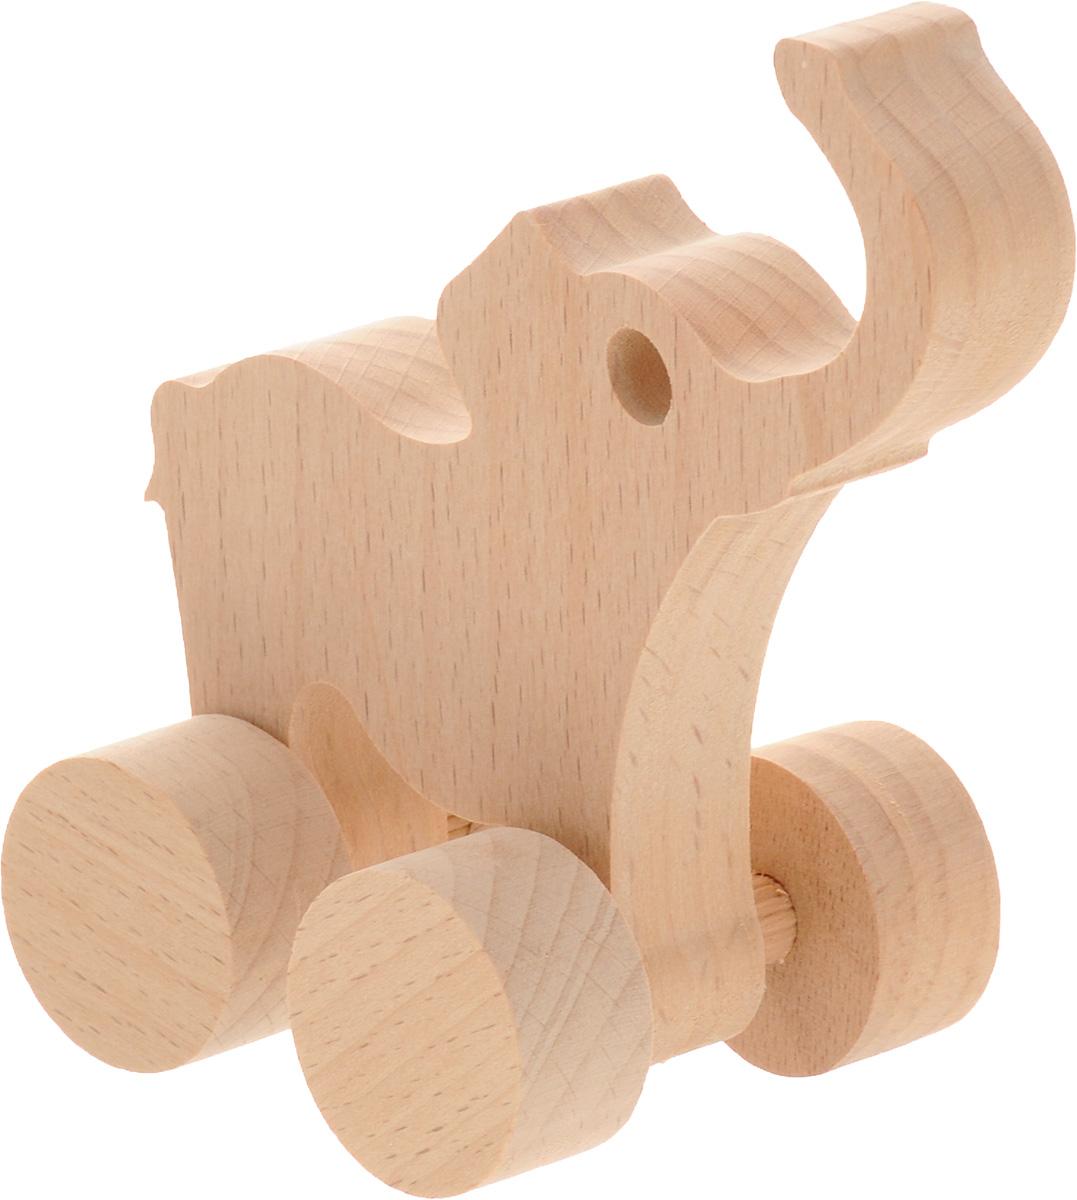 Волшебный городок Игрушка-каталка СлоникКСБДеревянная игрушка-каталка Волшебный городок Слоник развивает моторику ребенка, логику, пространственное мышление, зрительное восприятие и внимание малыша. Игрушка выполнена из высококачественного дерева, что абсолютно исключает вероятность травмирования. Понравится каждому малышу и станет хорошим подарком.